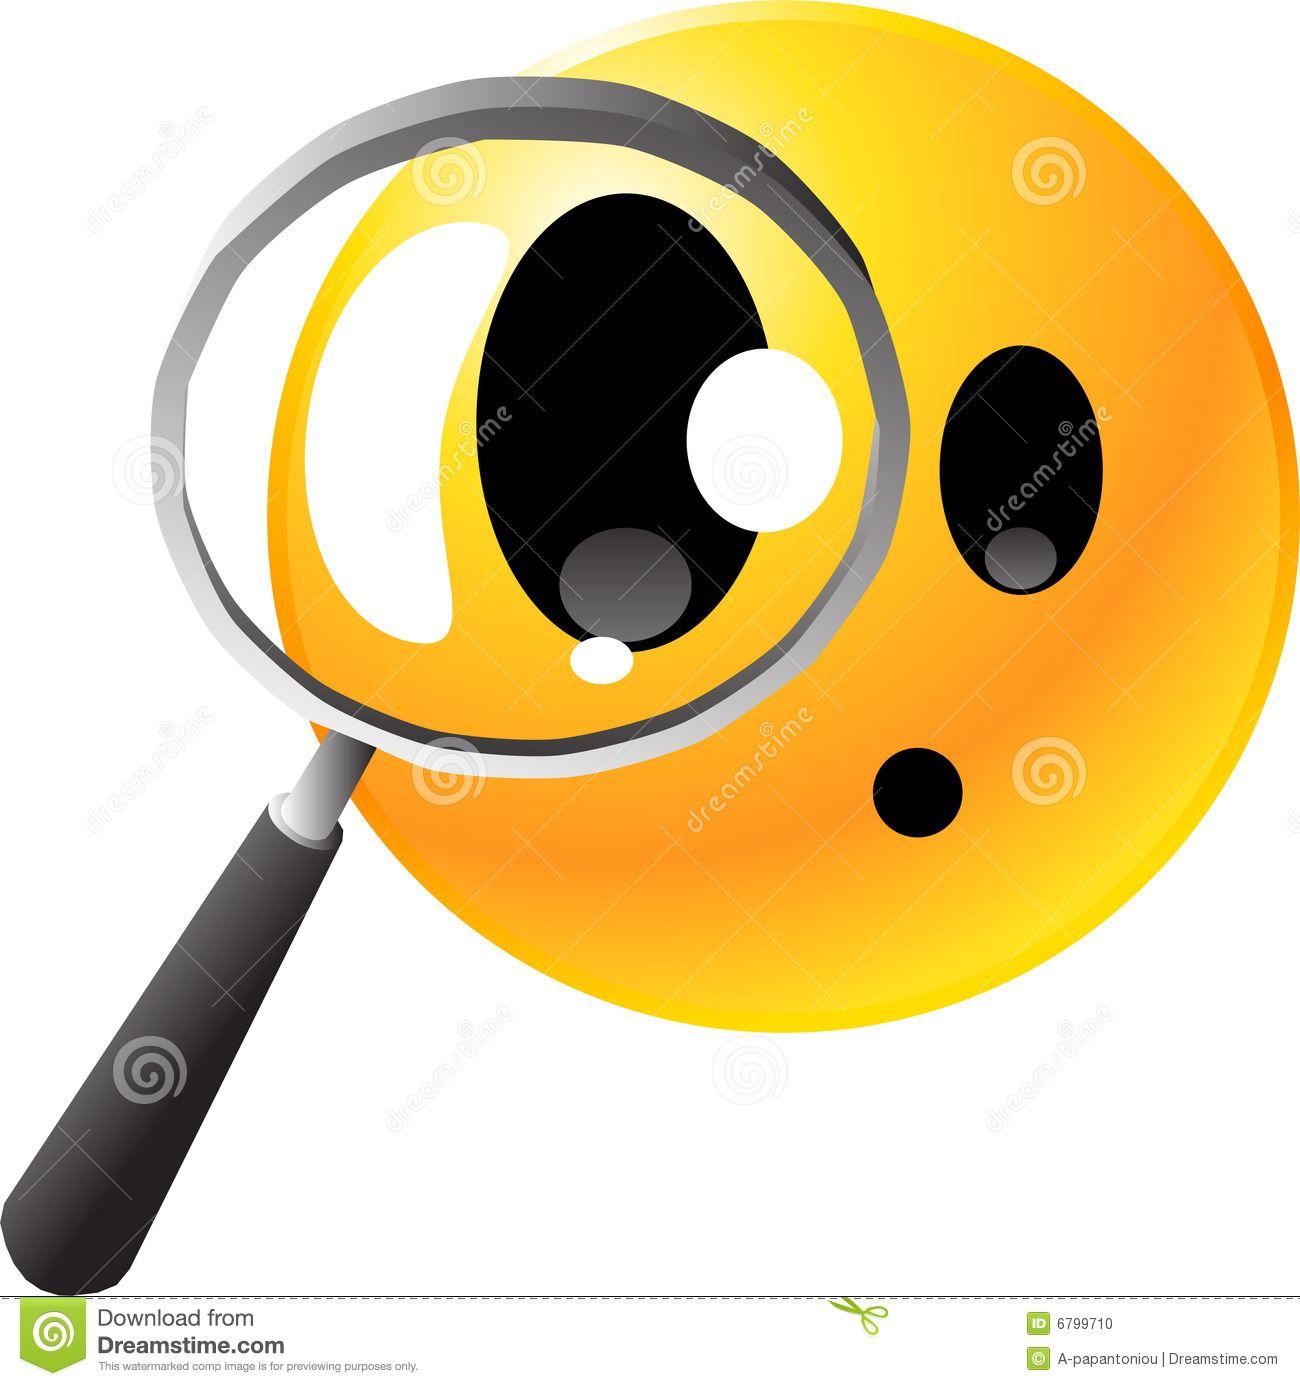 Emoticon Smiley Face Stock Photo.